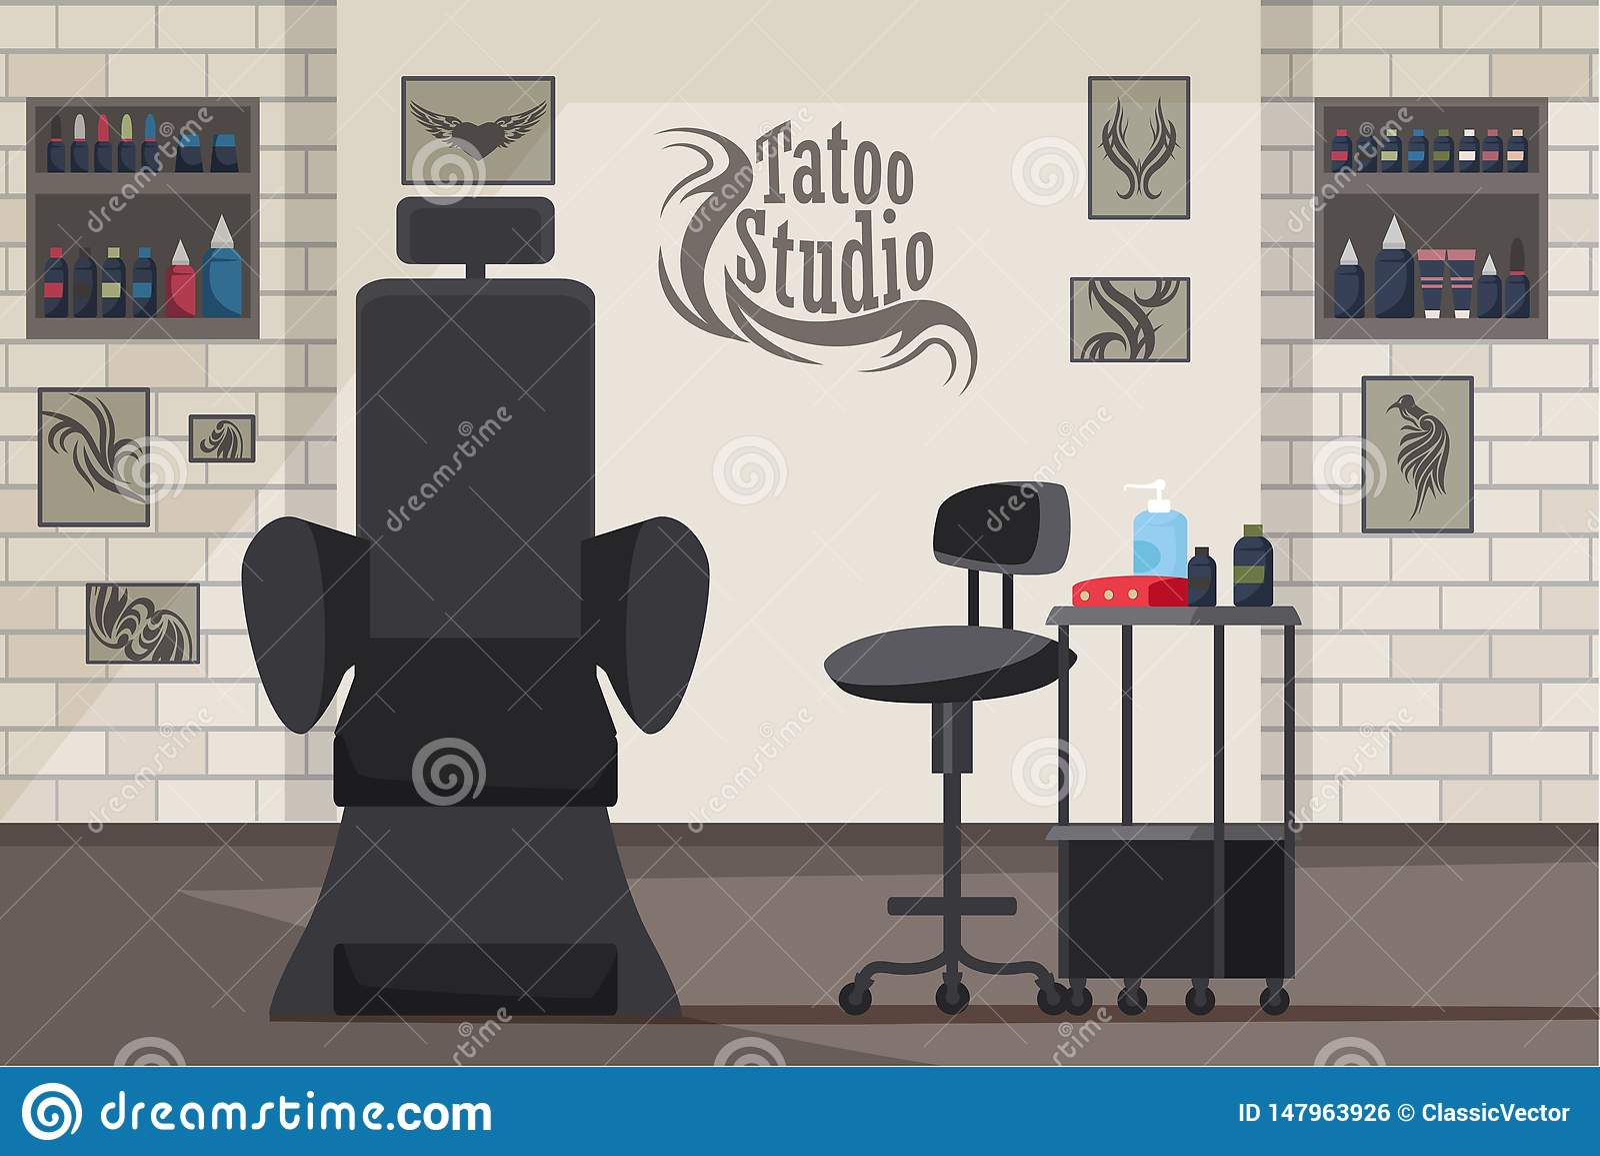 Illustration plate intérieure de vecteur de studio de tatouage